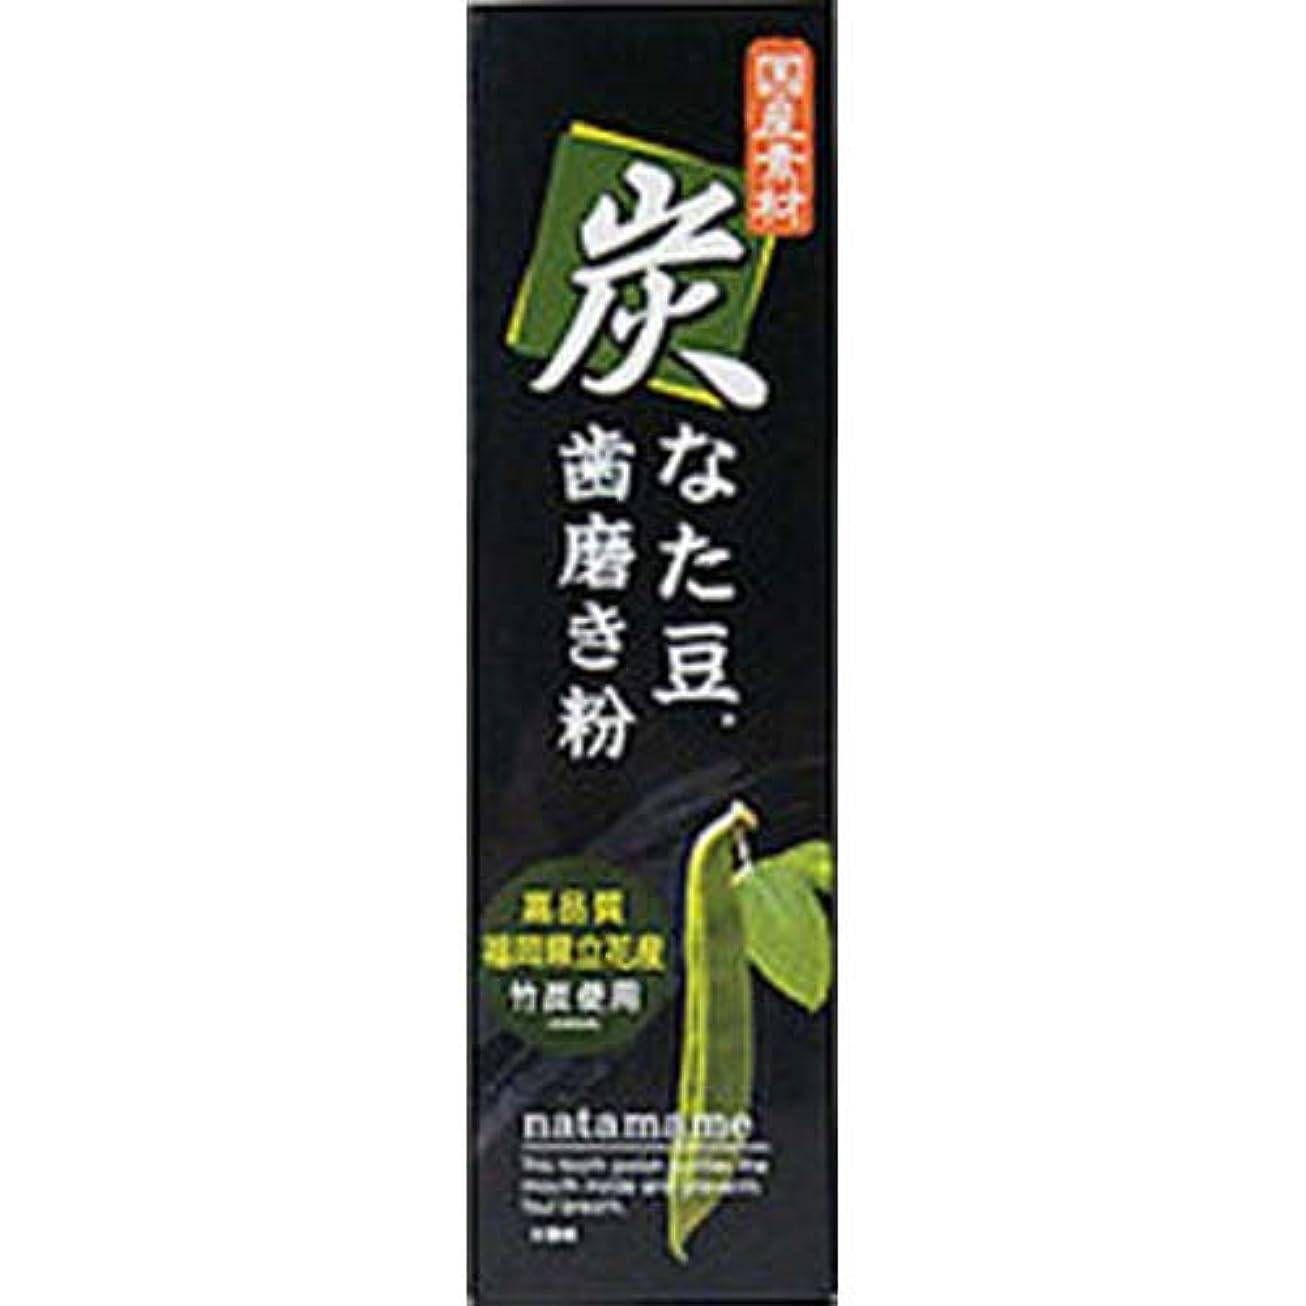 炭なた豆歯磨き粉 120g